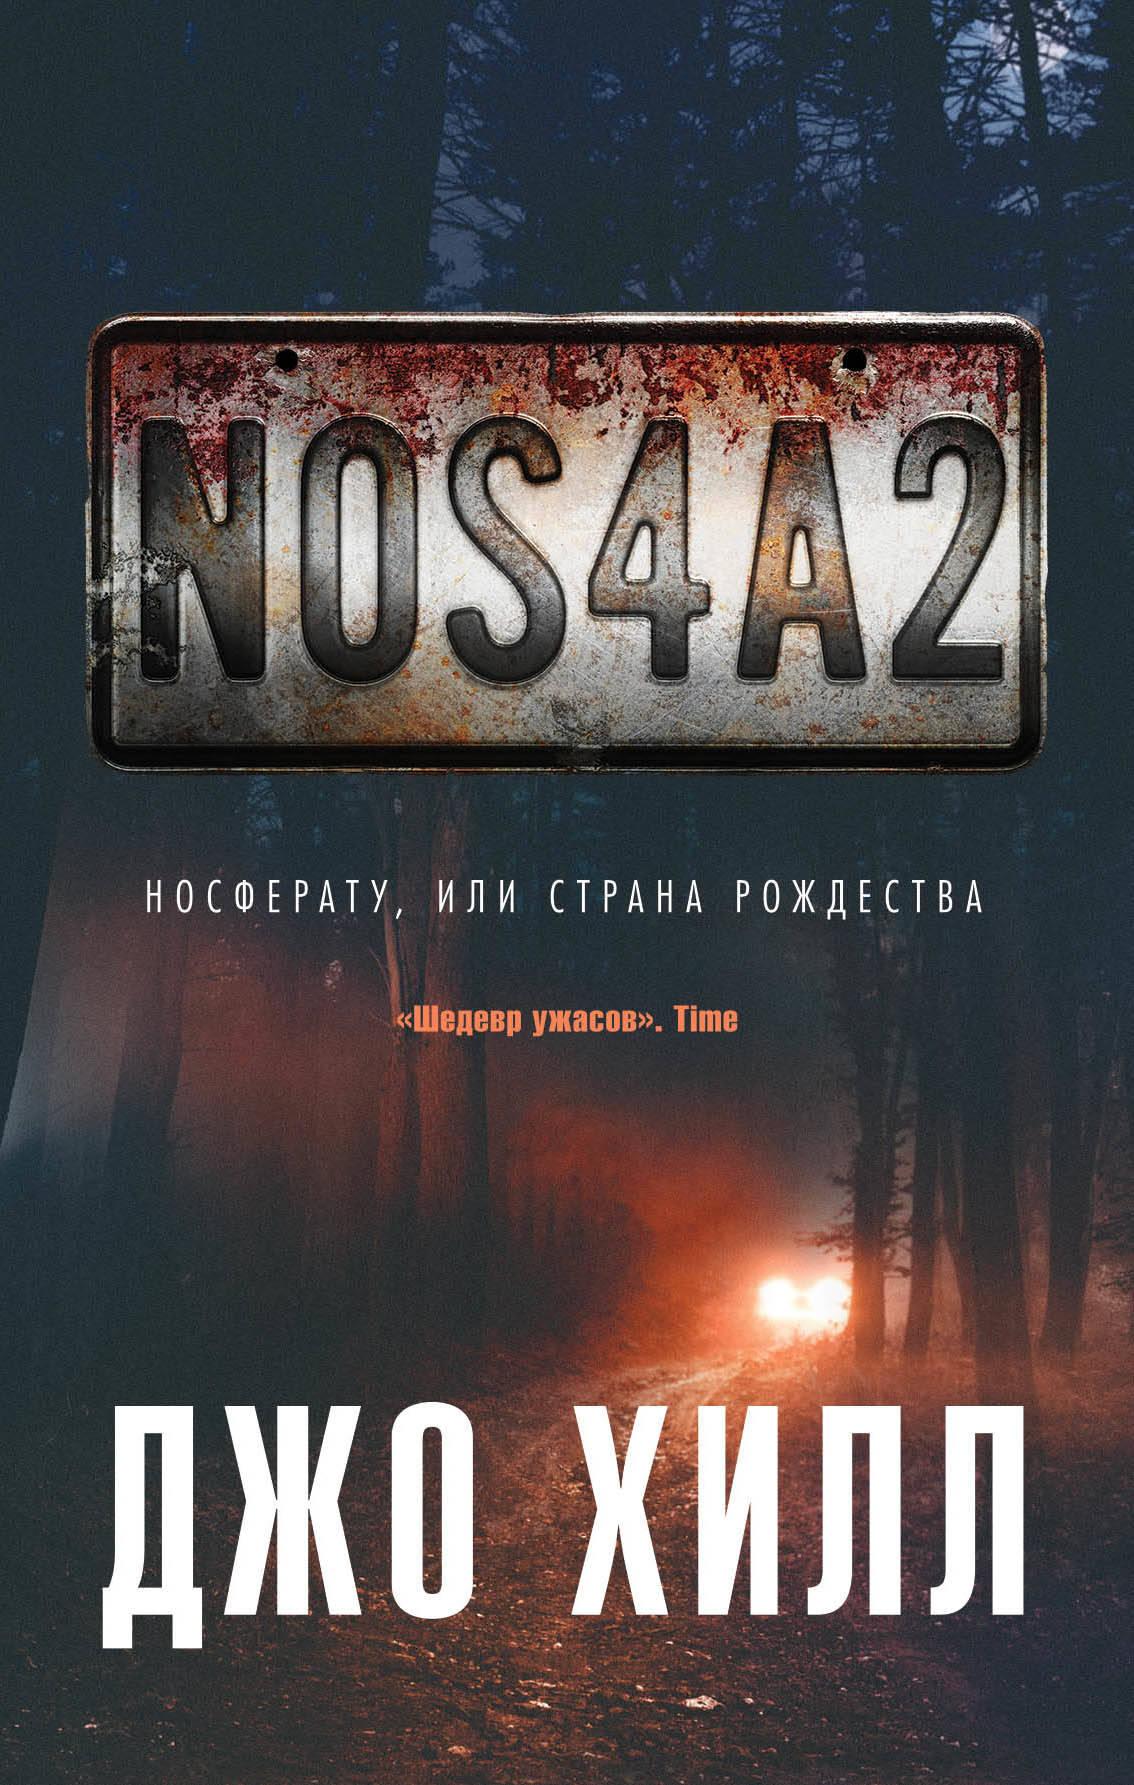 NOS4A2. Nosferatu, ili Strana Rozhdestva